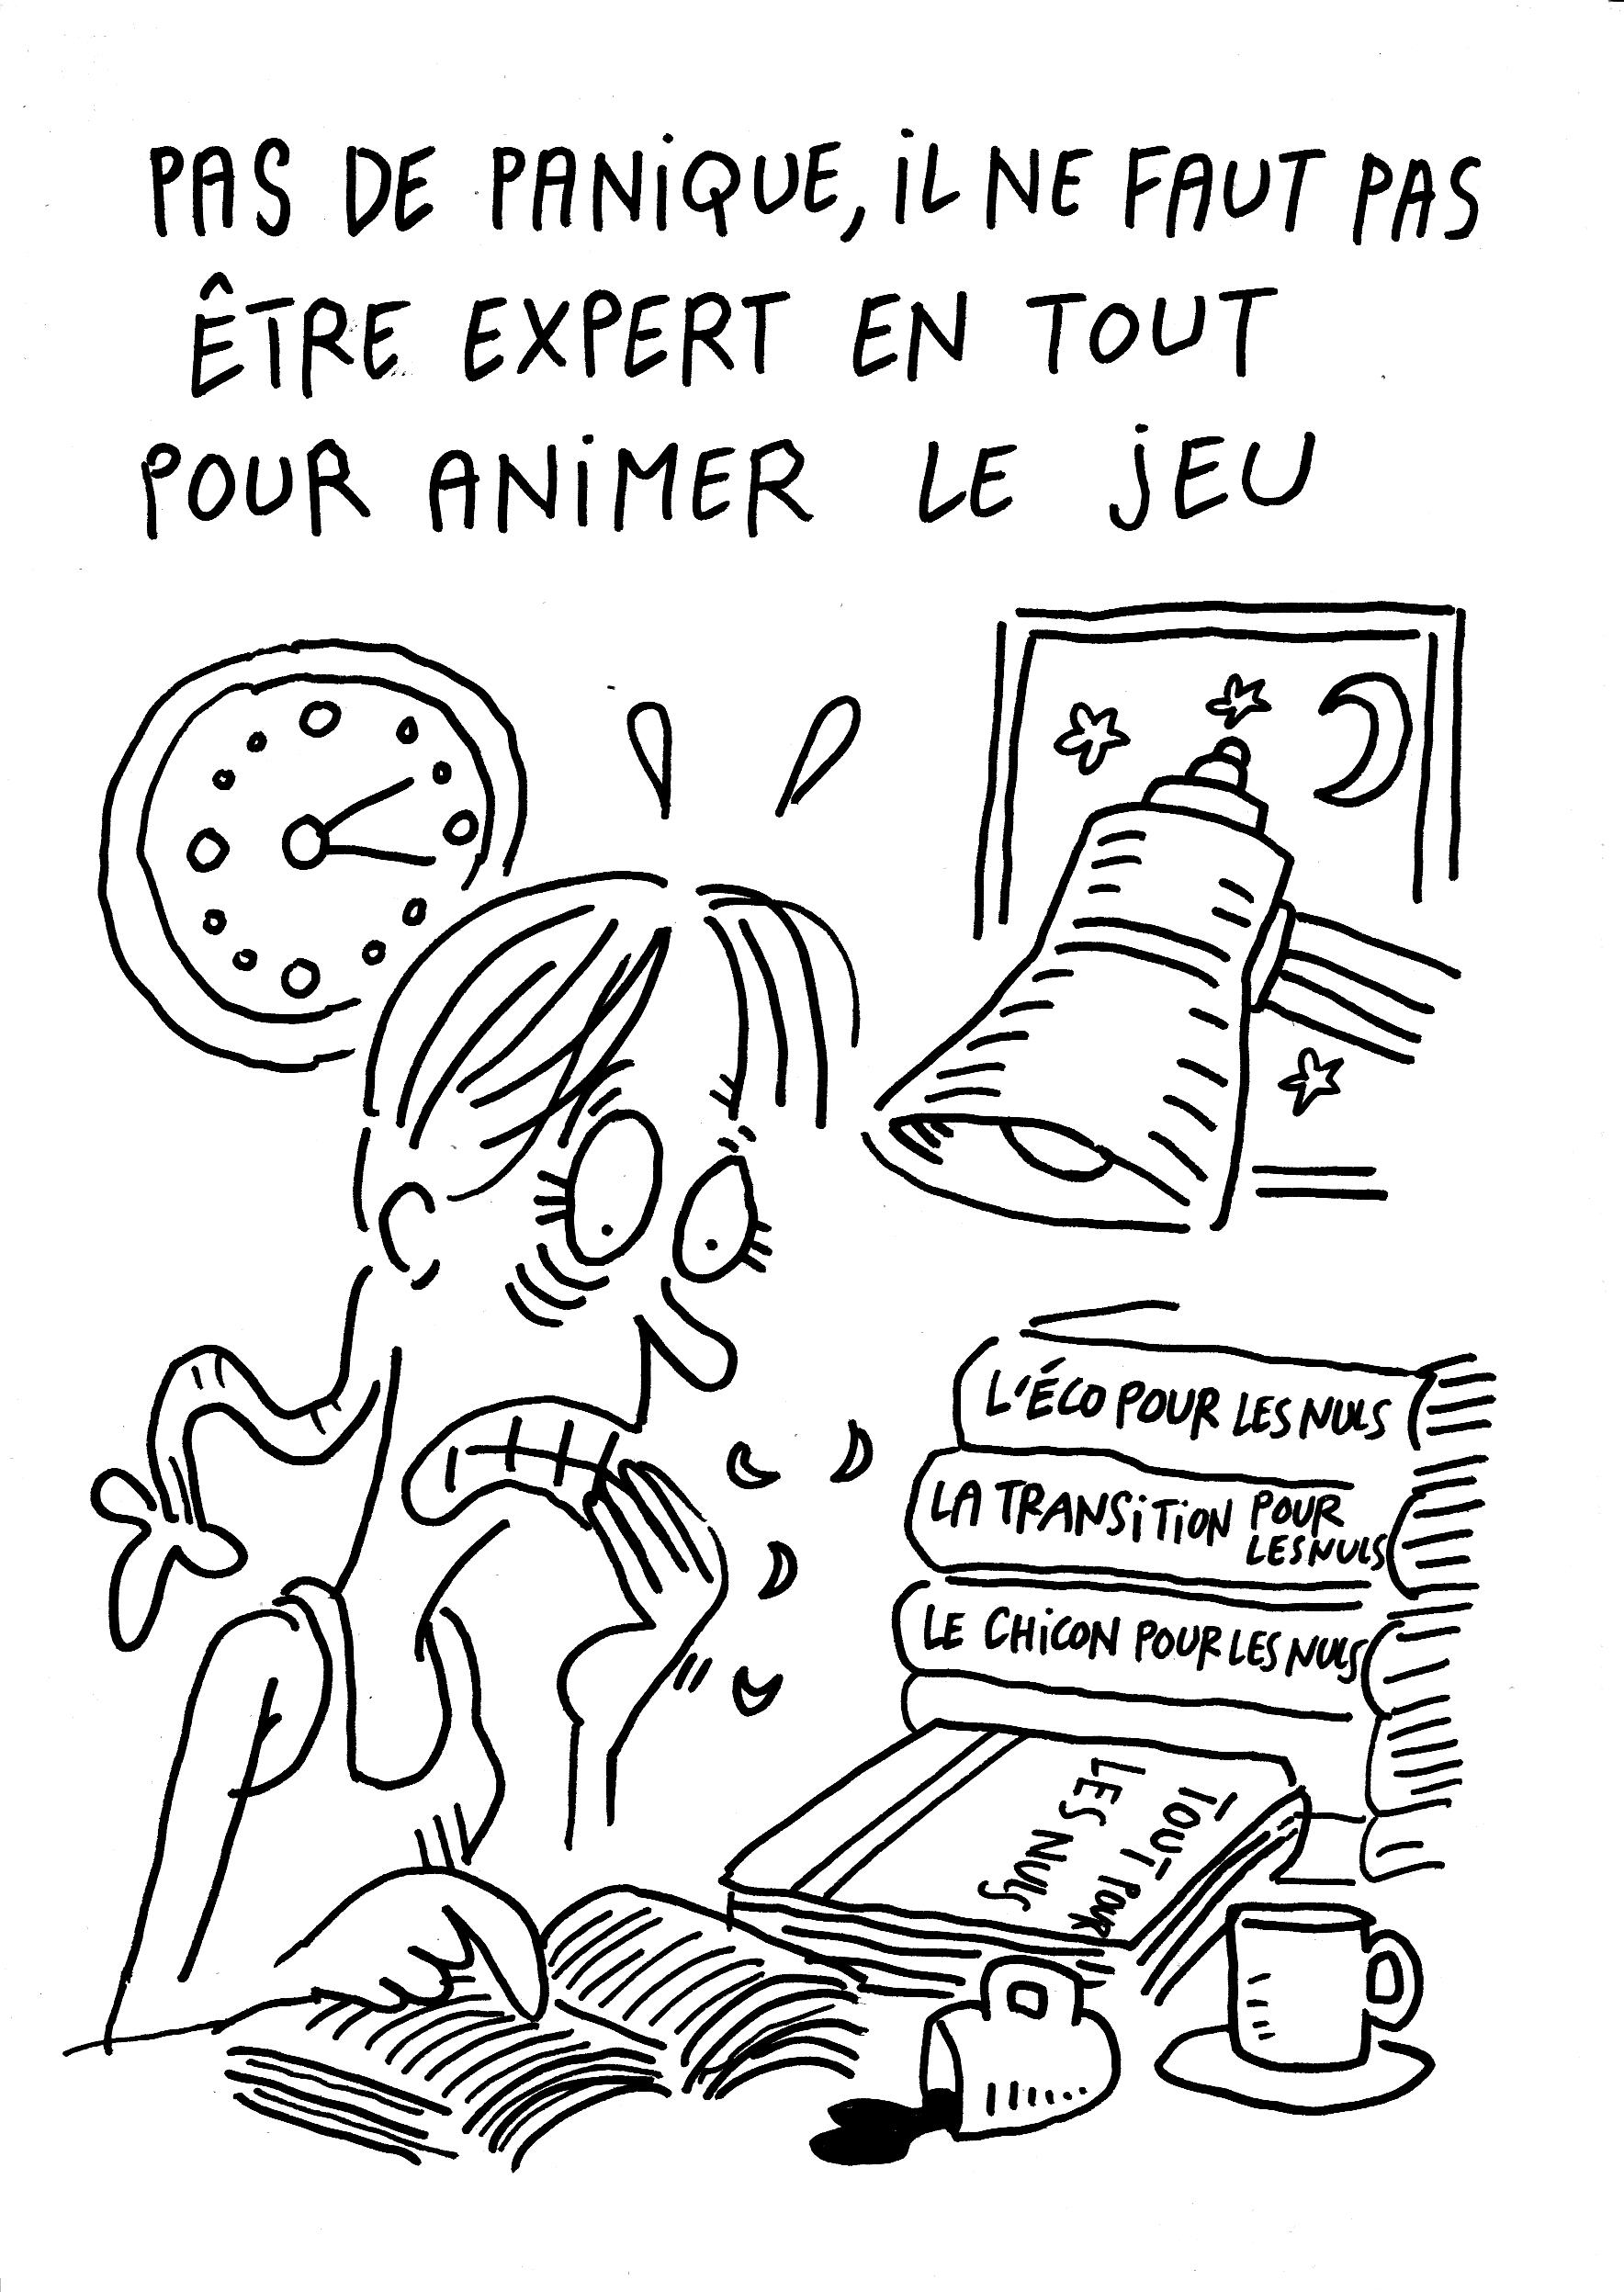 http://www.jeudelaficelle.net/IMG/jpg/fanzineficelle05.jpg